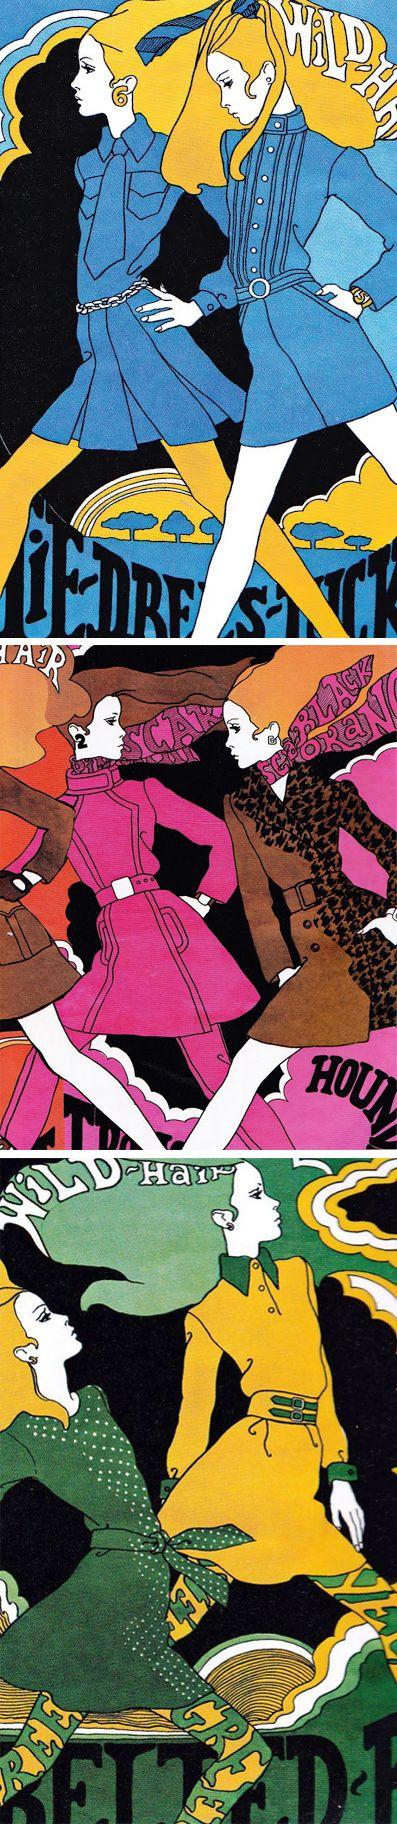 Antonio lopez fashion illustrations 57